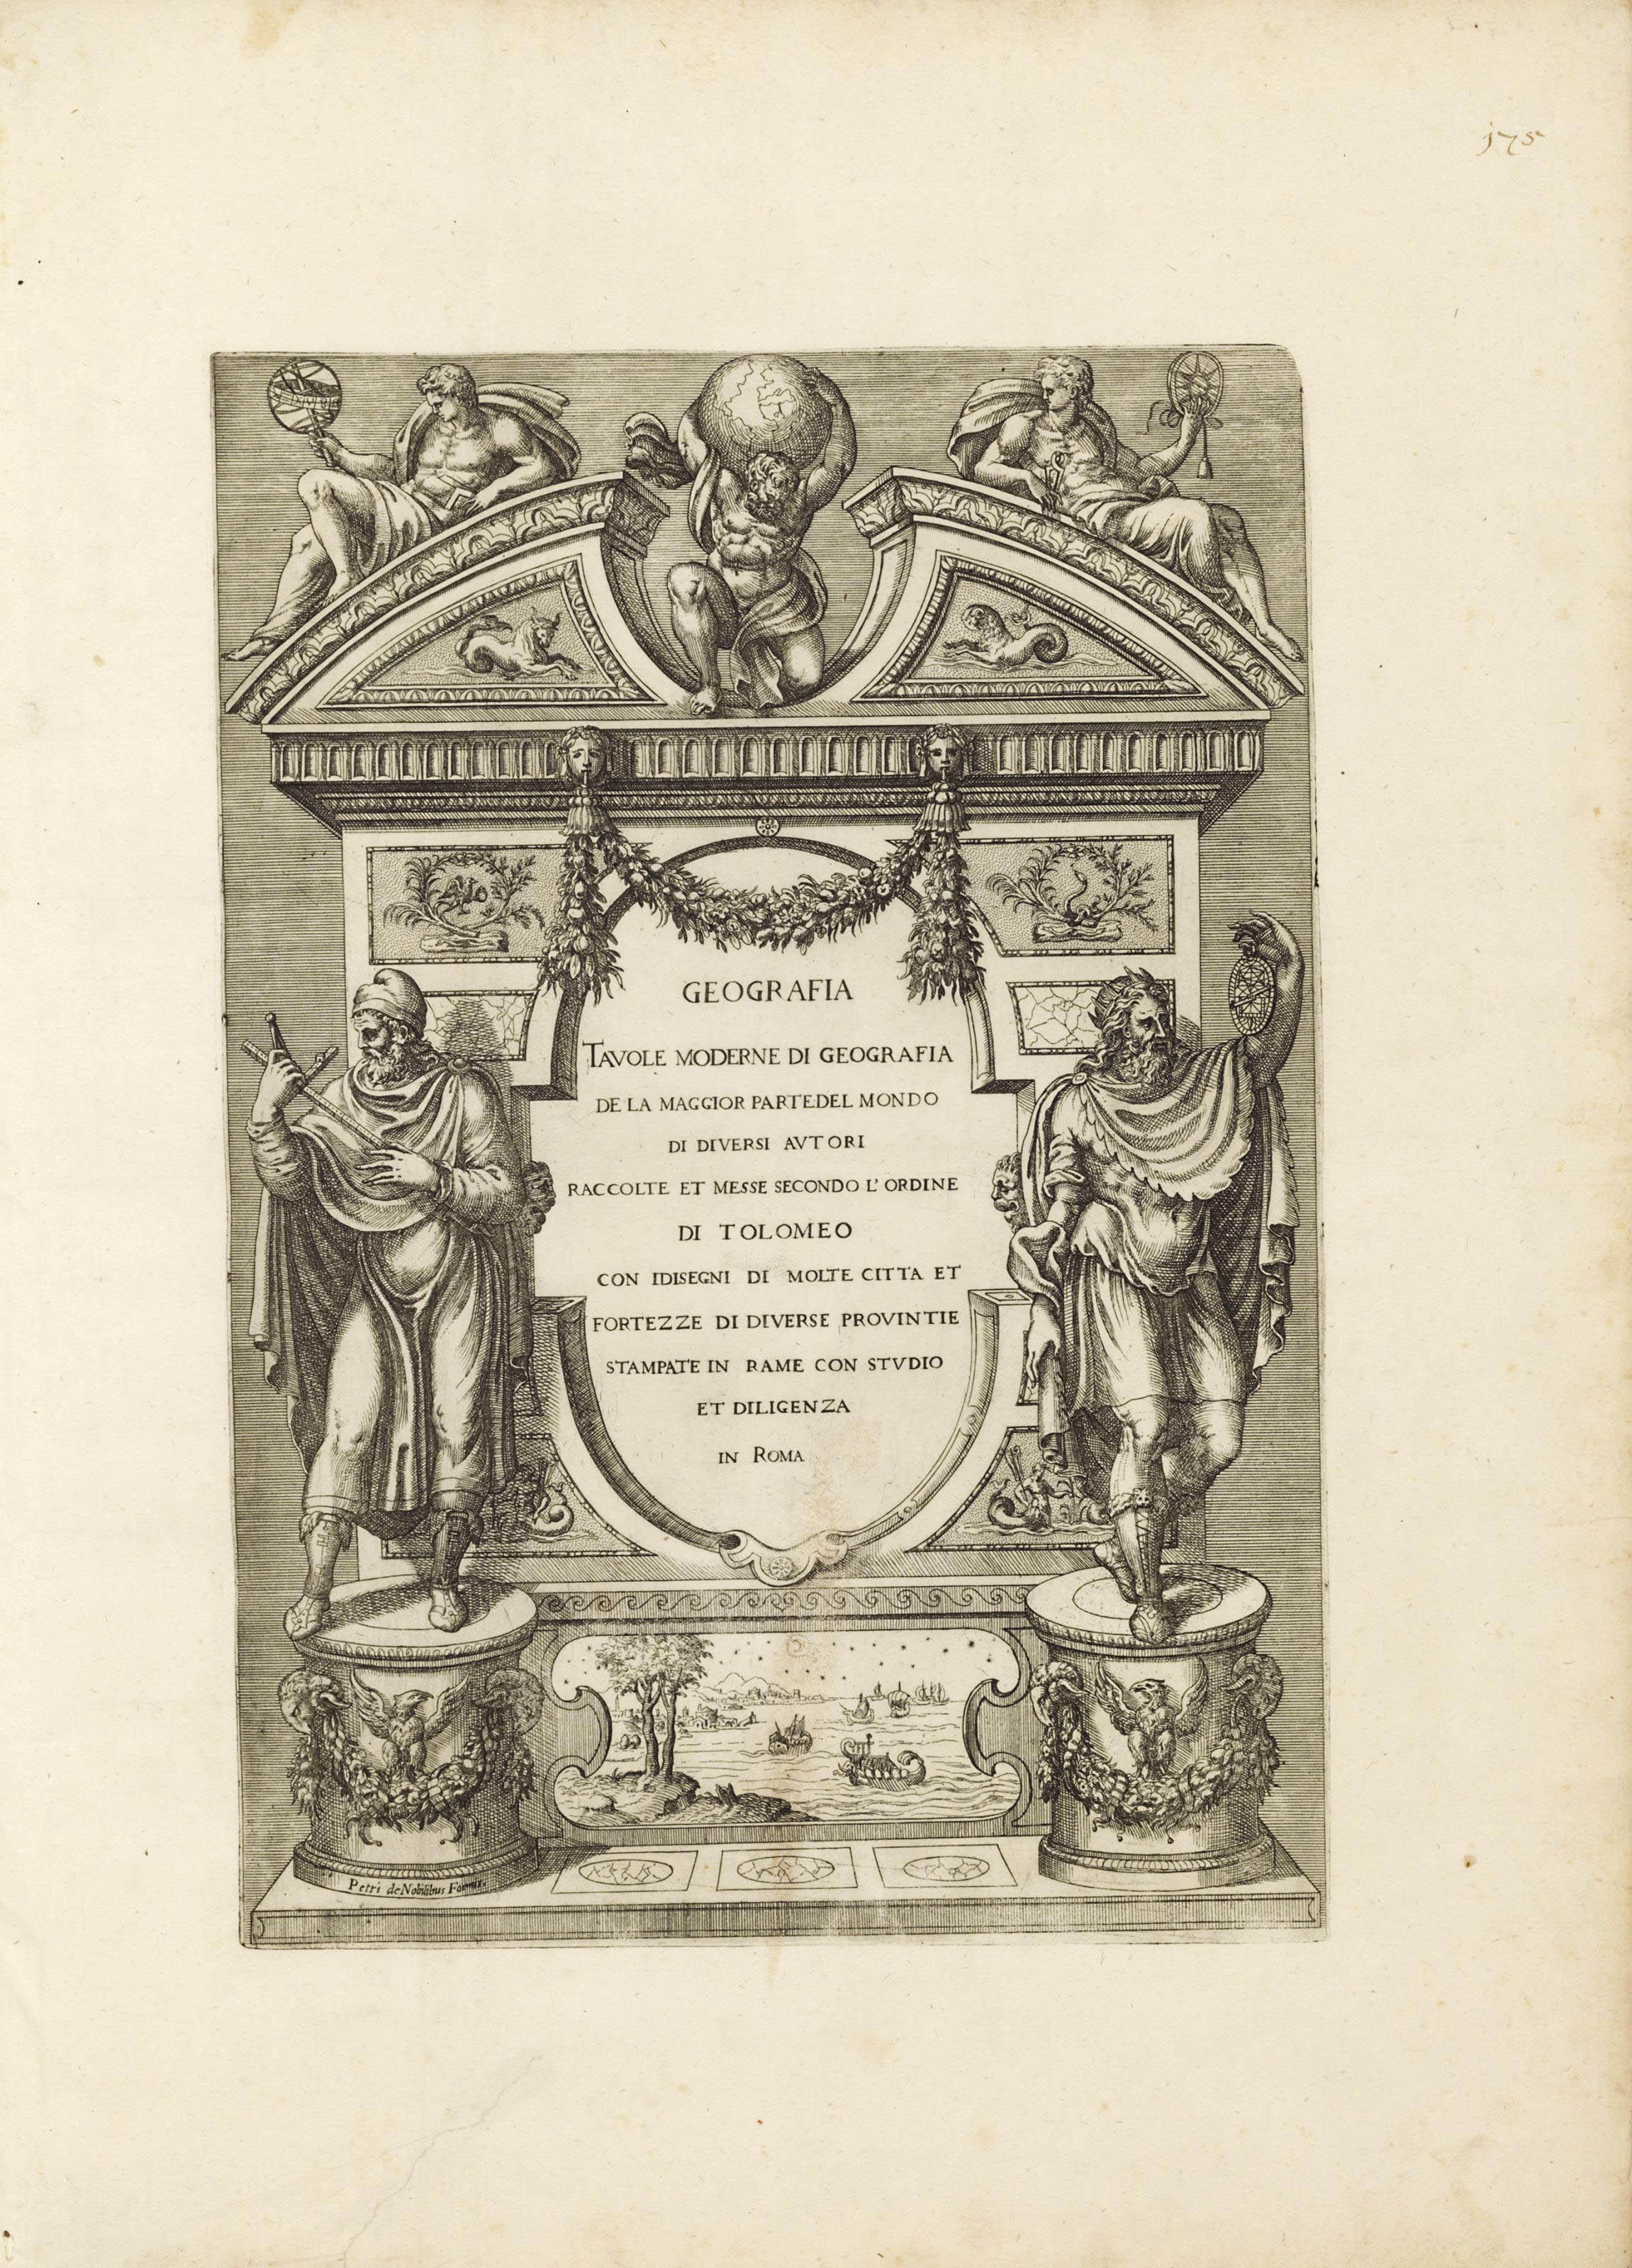 Lafreri antonio and claudio duchetti d for Tavole moderne